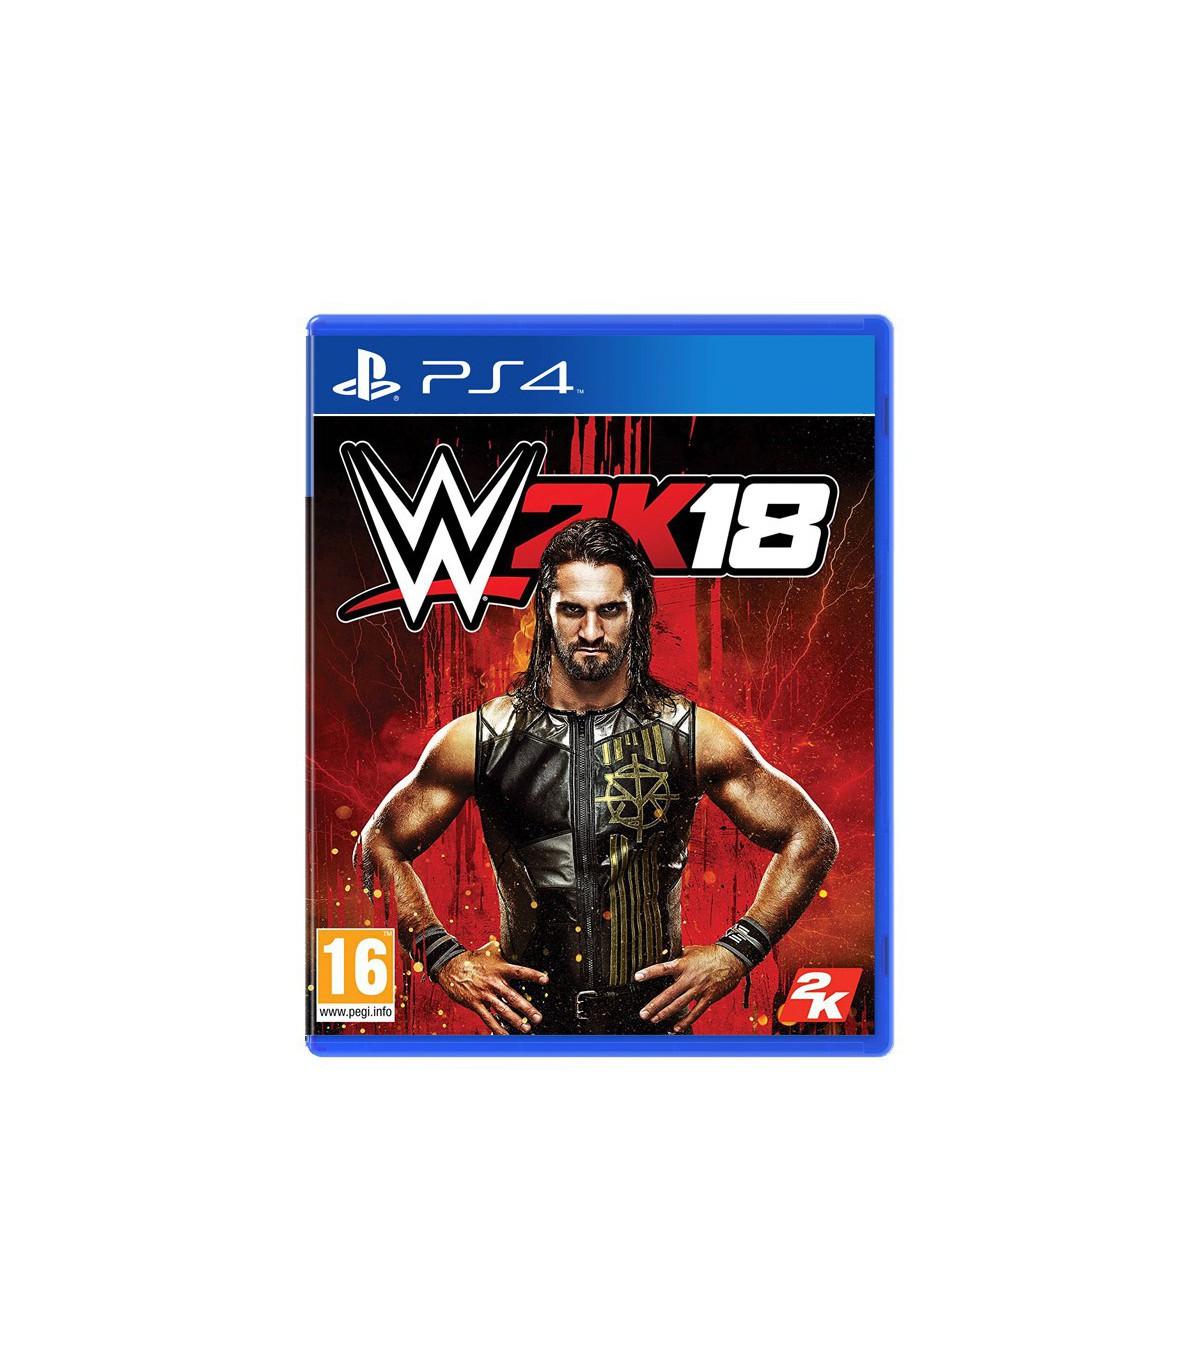 بازی WWE 2K18 کارکرده - پلی استیشن 4